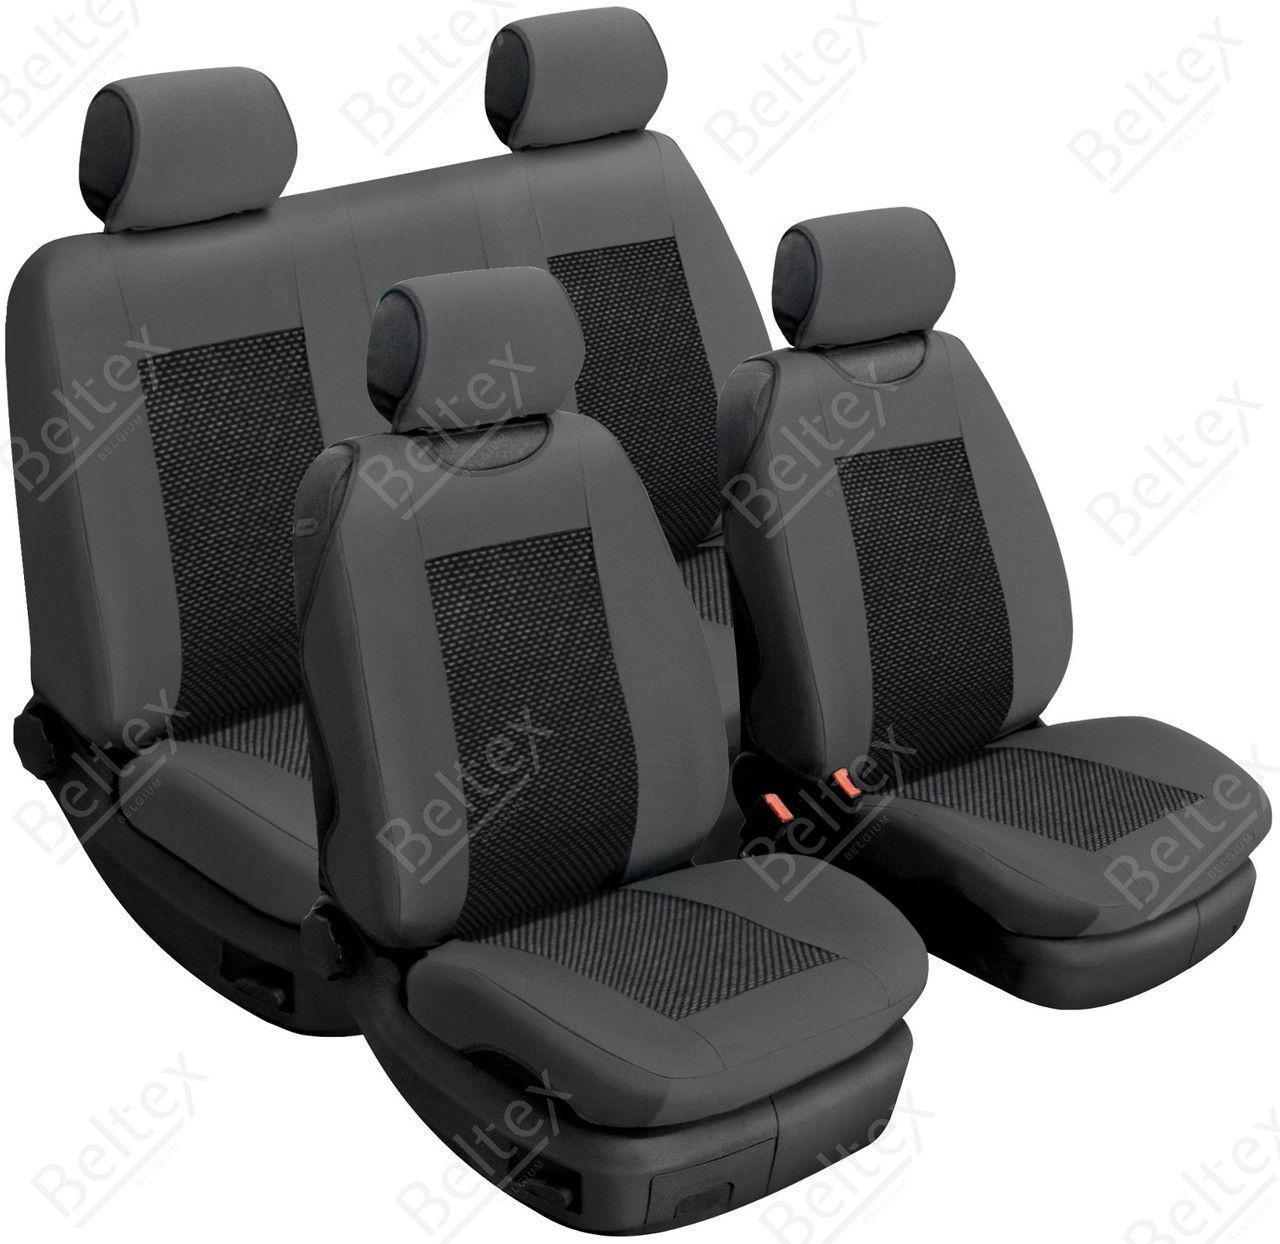 Майки/чехлы на сиденья Ниссан Ноут 1.6 (Nissan Note 1,6)